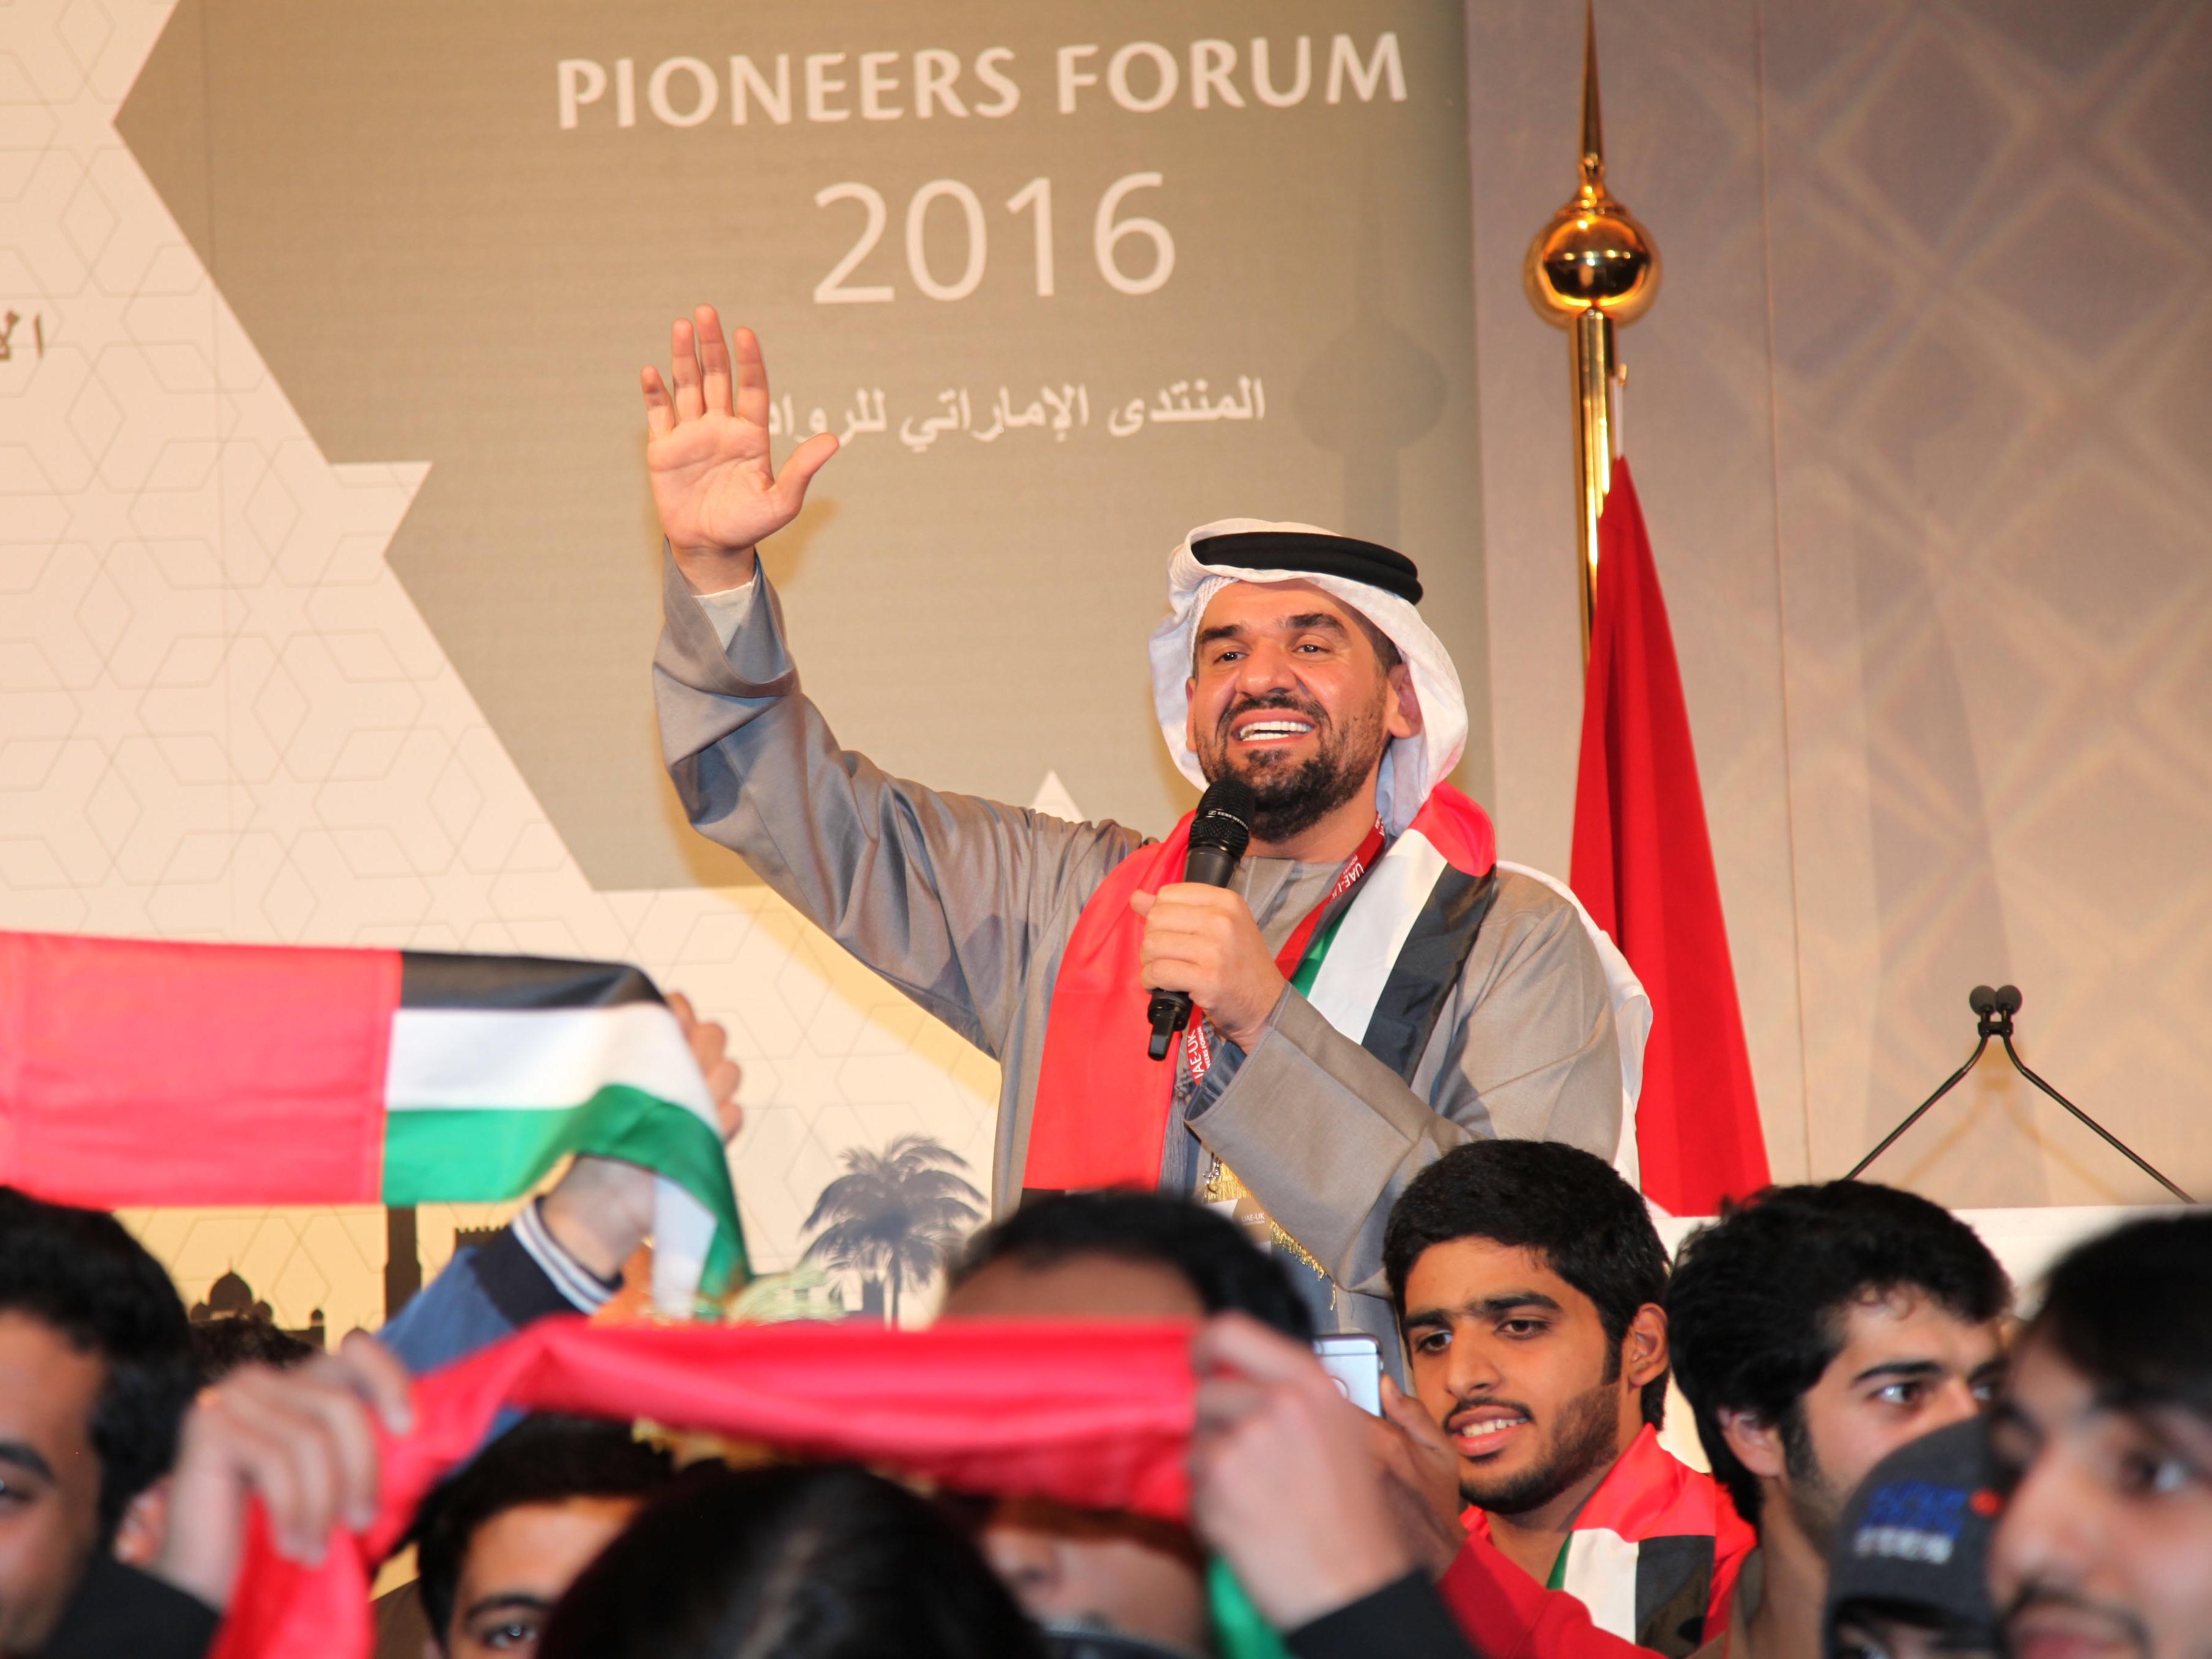 صورة حسين الجسمي يحاضر في منتدى الرواد الإماراتي في لندن بدعوة خاصة من سفارة دولة الإمارات العربية المتحدة